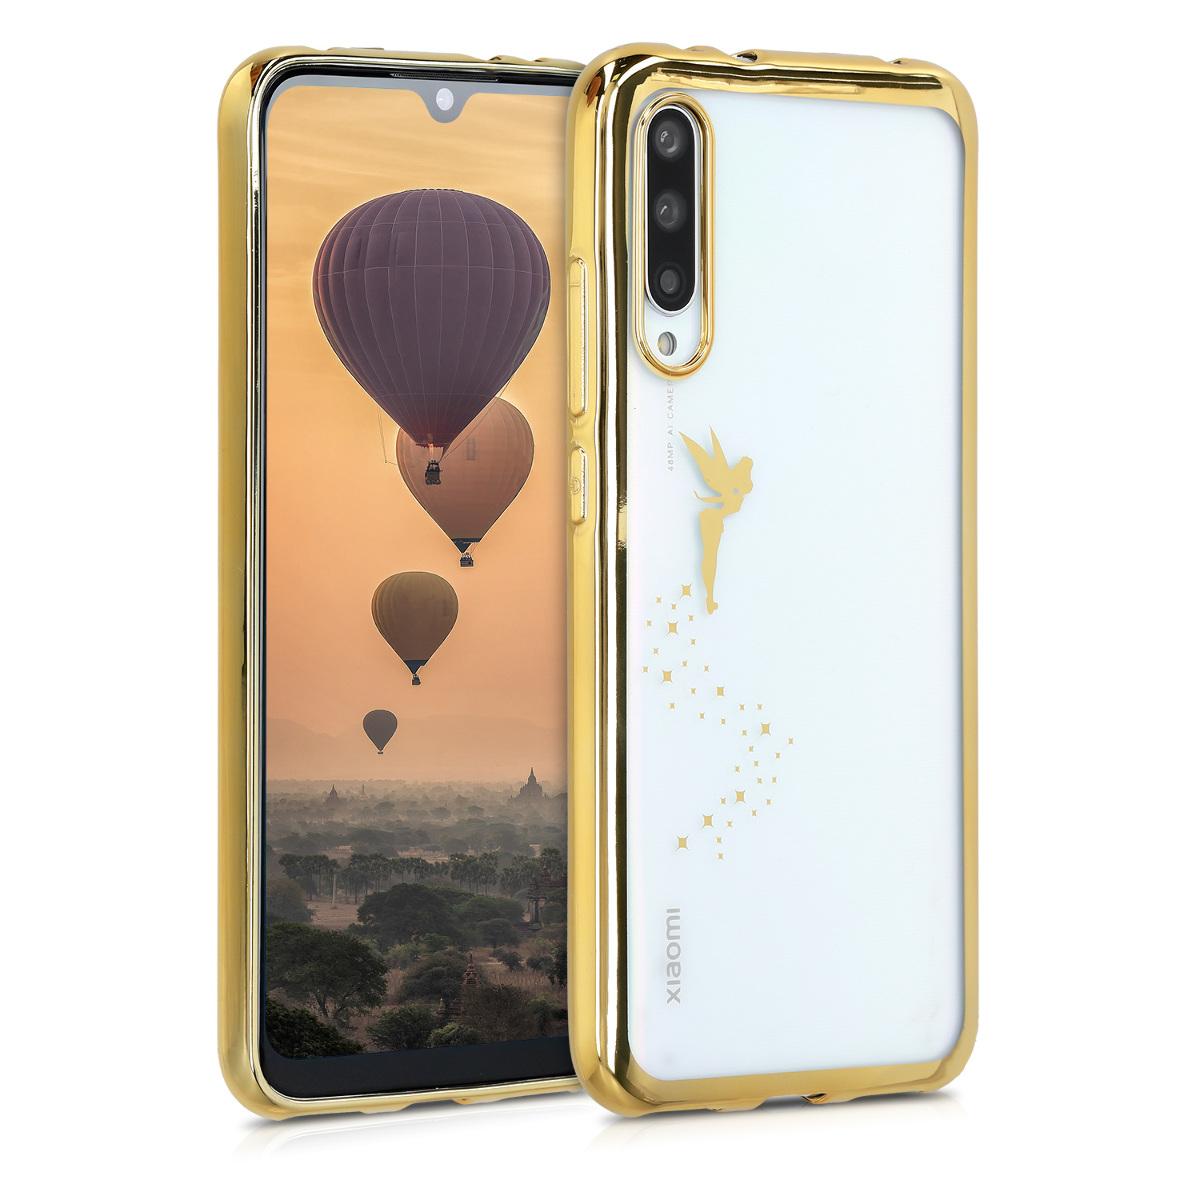 KW Θήκη Σιλικόνης Xiaomi Mi A3 - Gold / Transparent (49682.01)